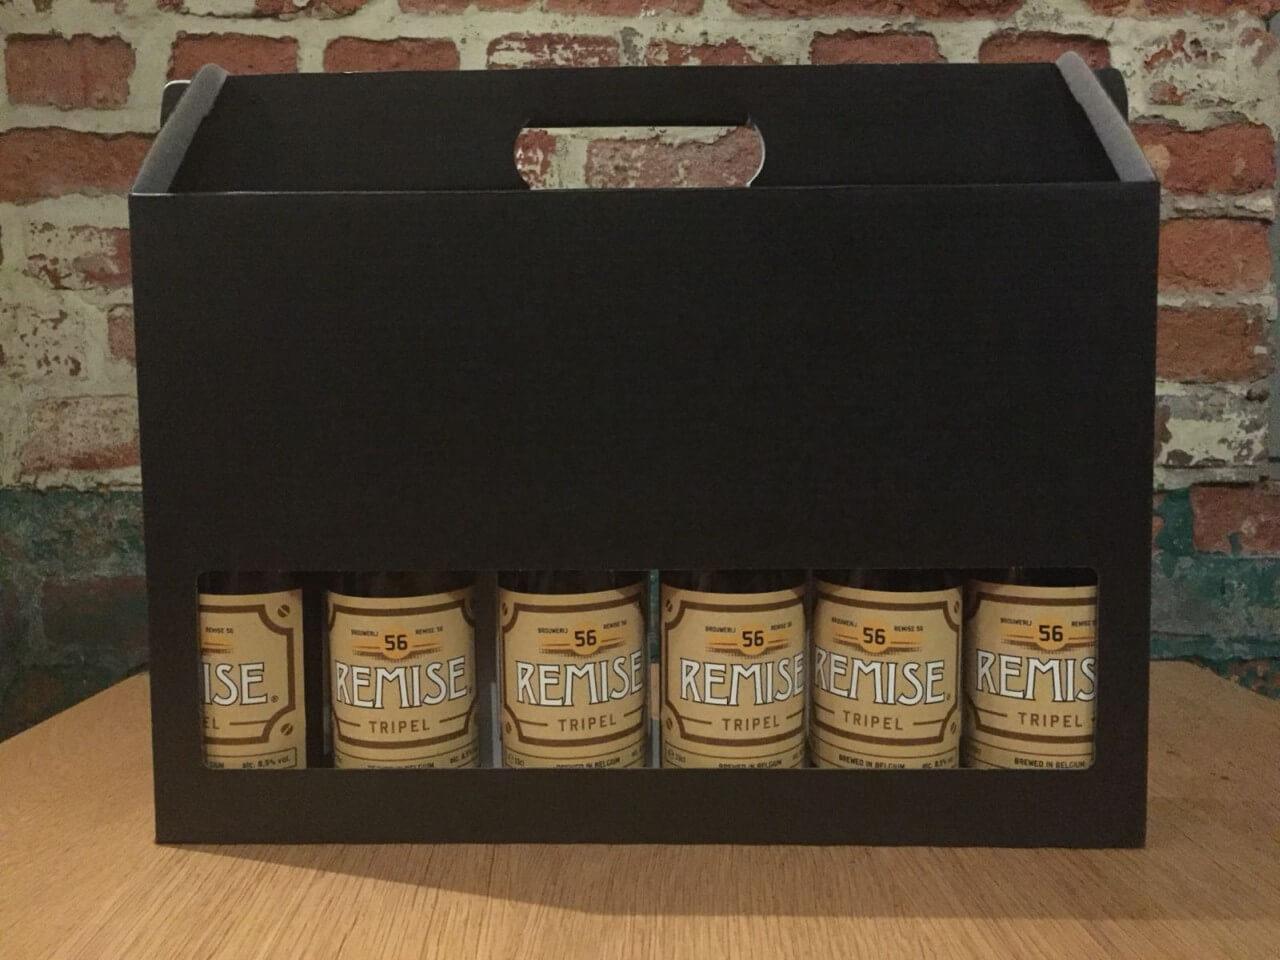 Geschenk koffer met Remise 56 Tripel